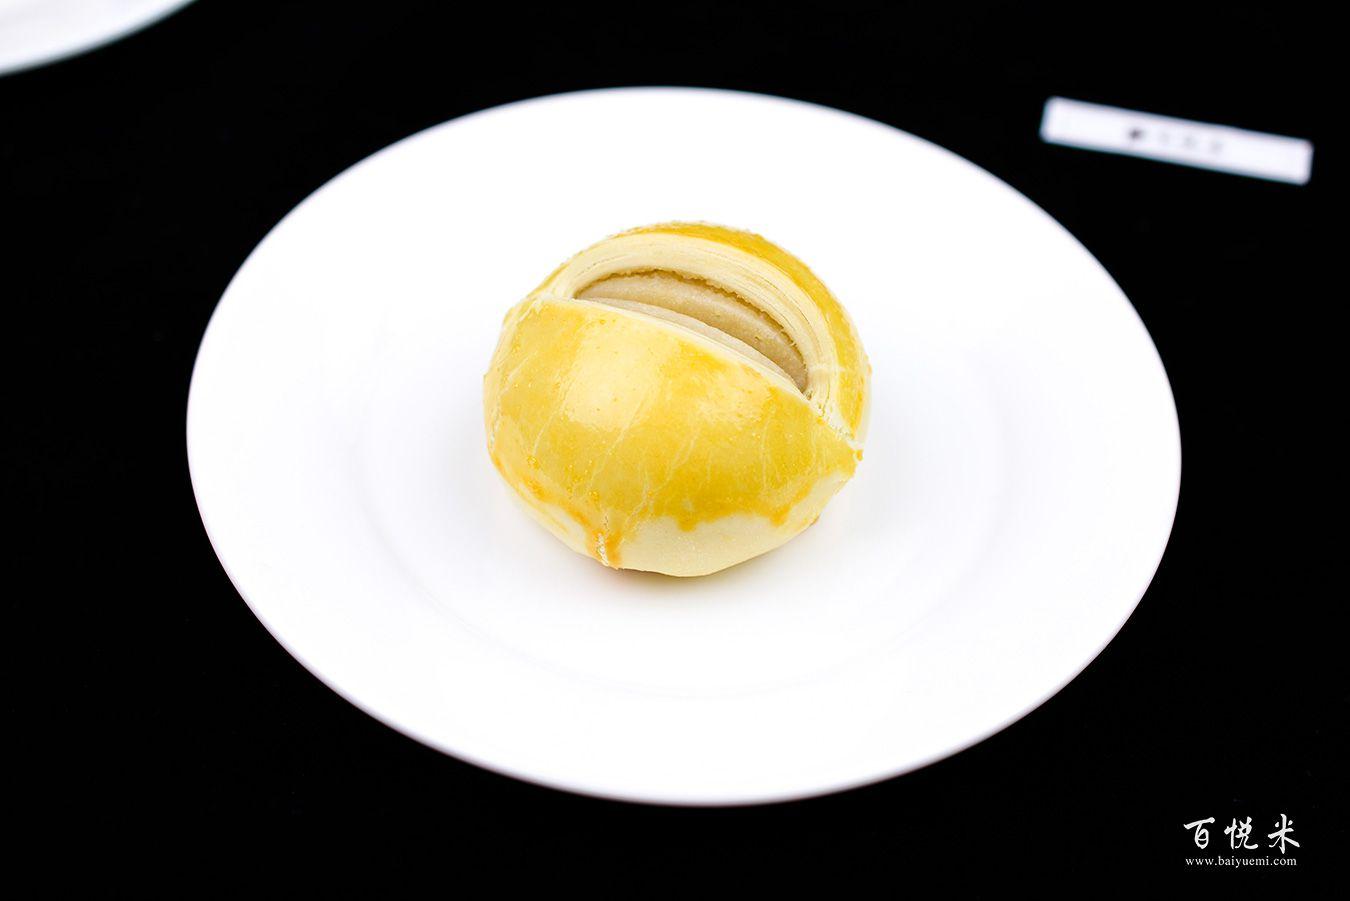 逗趣高清图片大全【蛋糕图片】_897